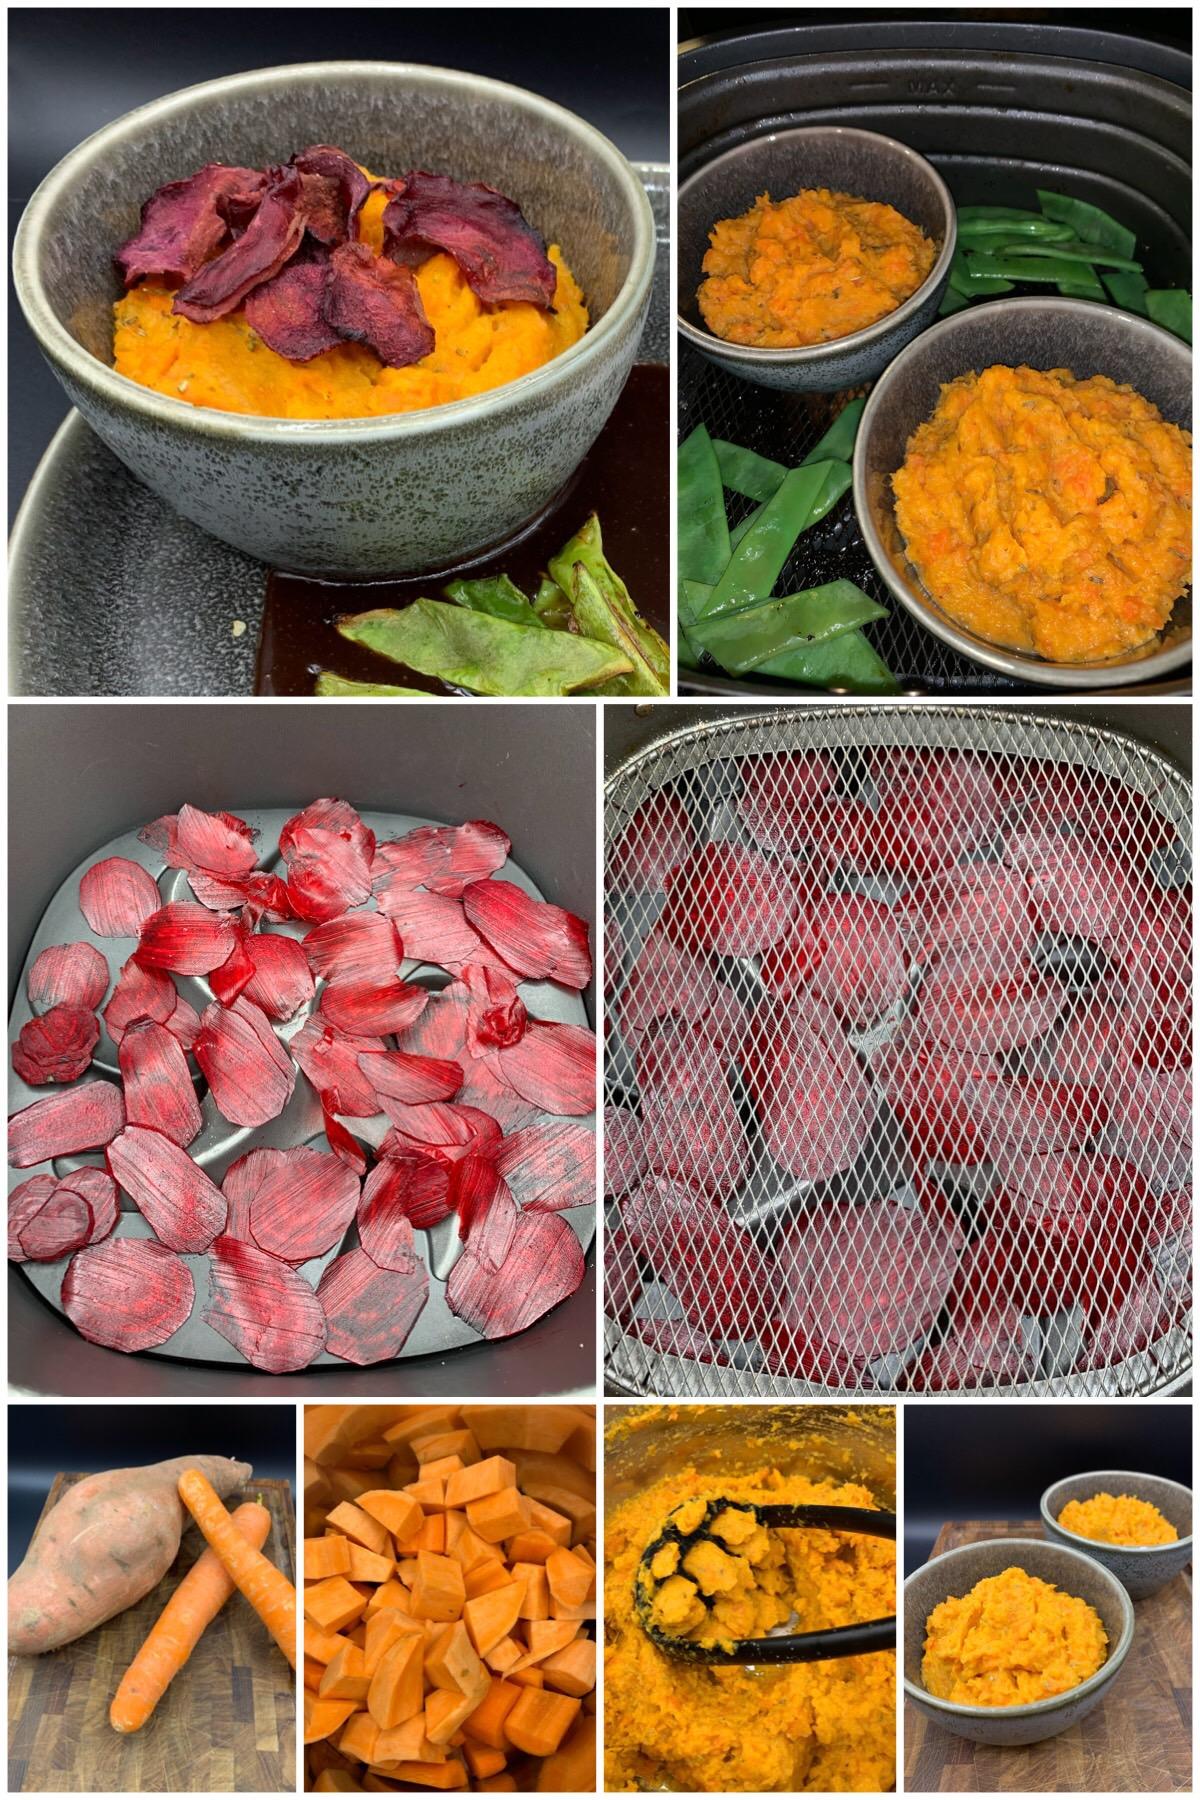 Bagt kartoffelmos med søde kartofler, gulerødder, rosmarin og rødbede chips